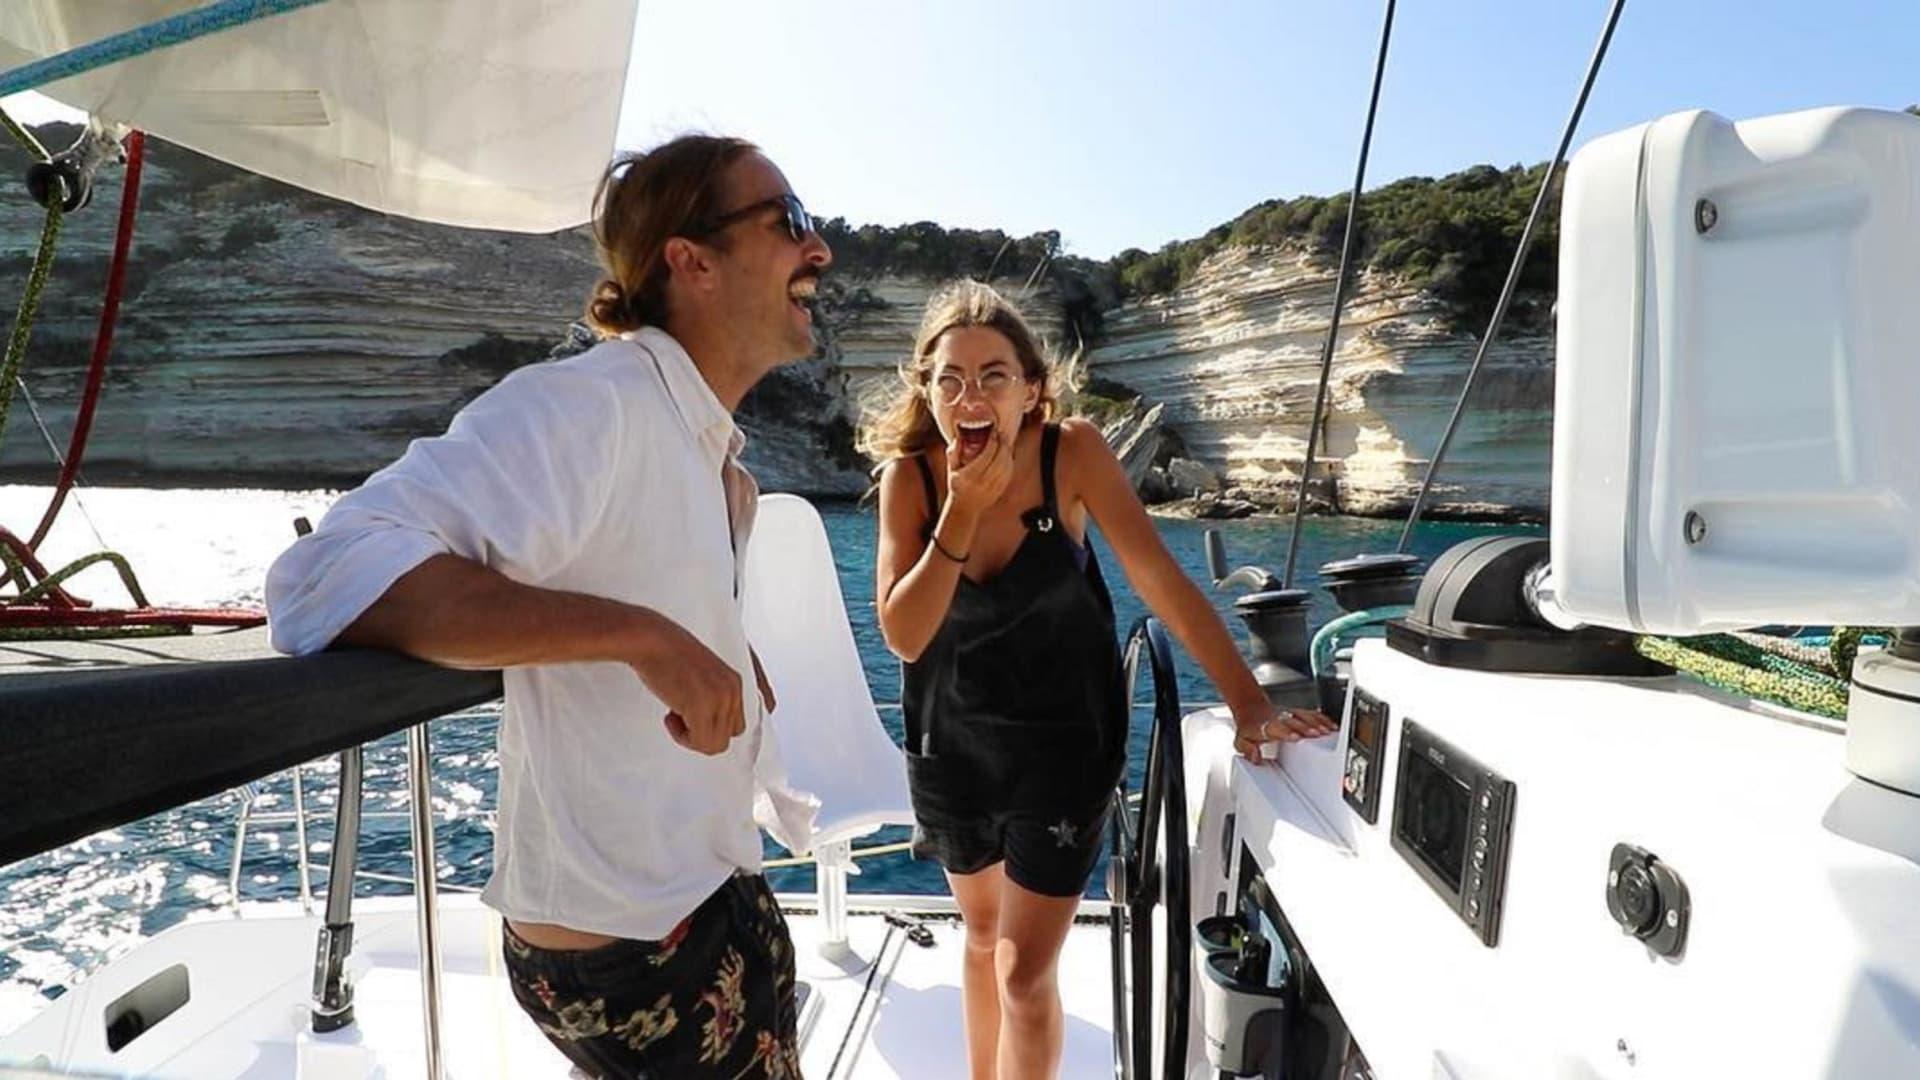 هل تجرؤ على عيش حياة في وسط البحار؟ هذان الزوجان يقومان بذلك